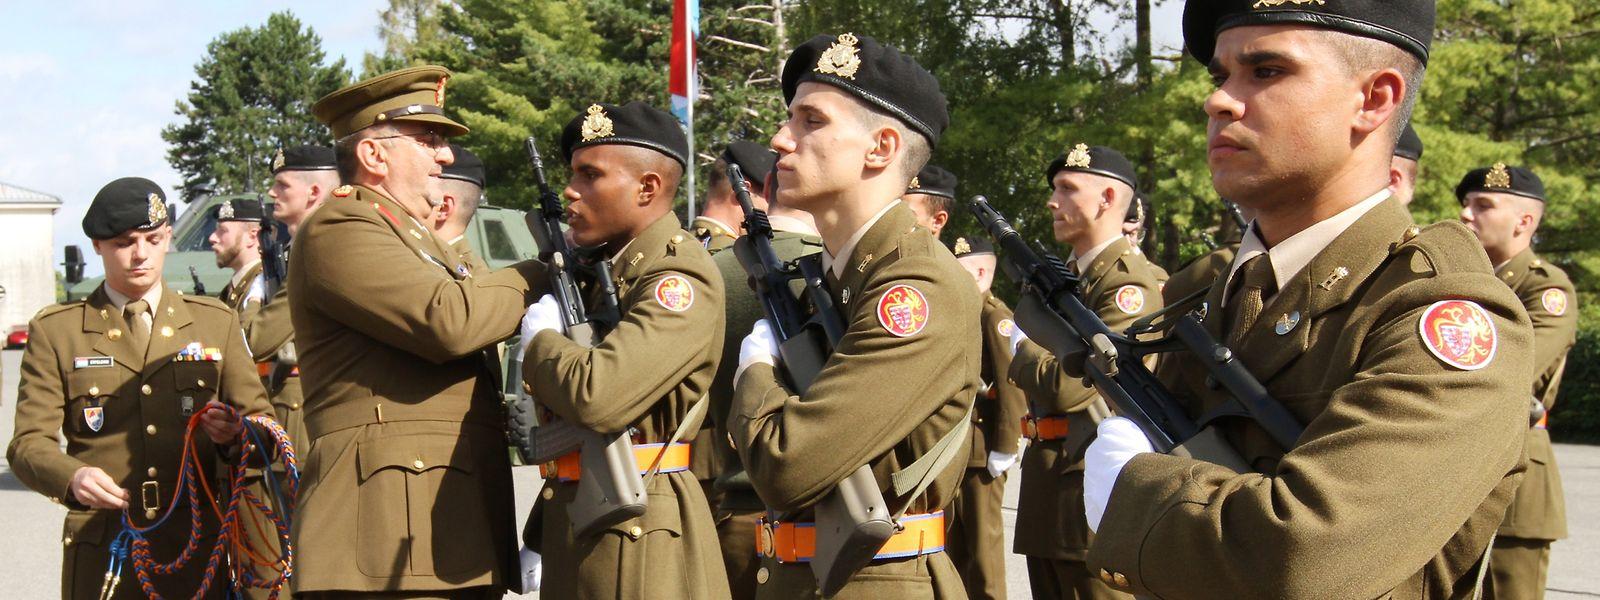 Die Armee braucht jedes Jahr rund 350 freiwillige Soldaten, doch die Rekrutierung bereitet seit Jahren Probleme.